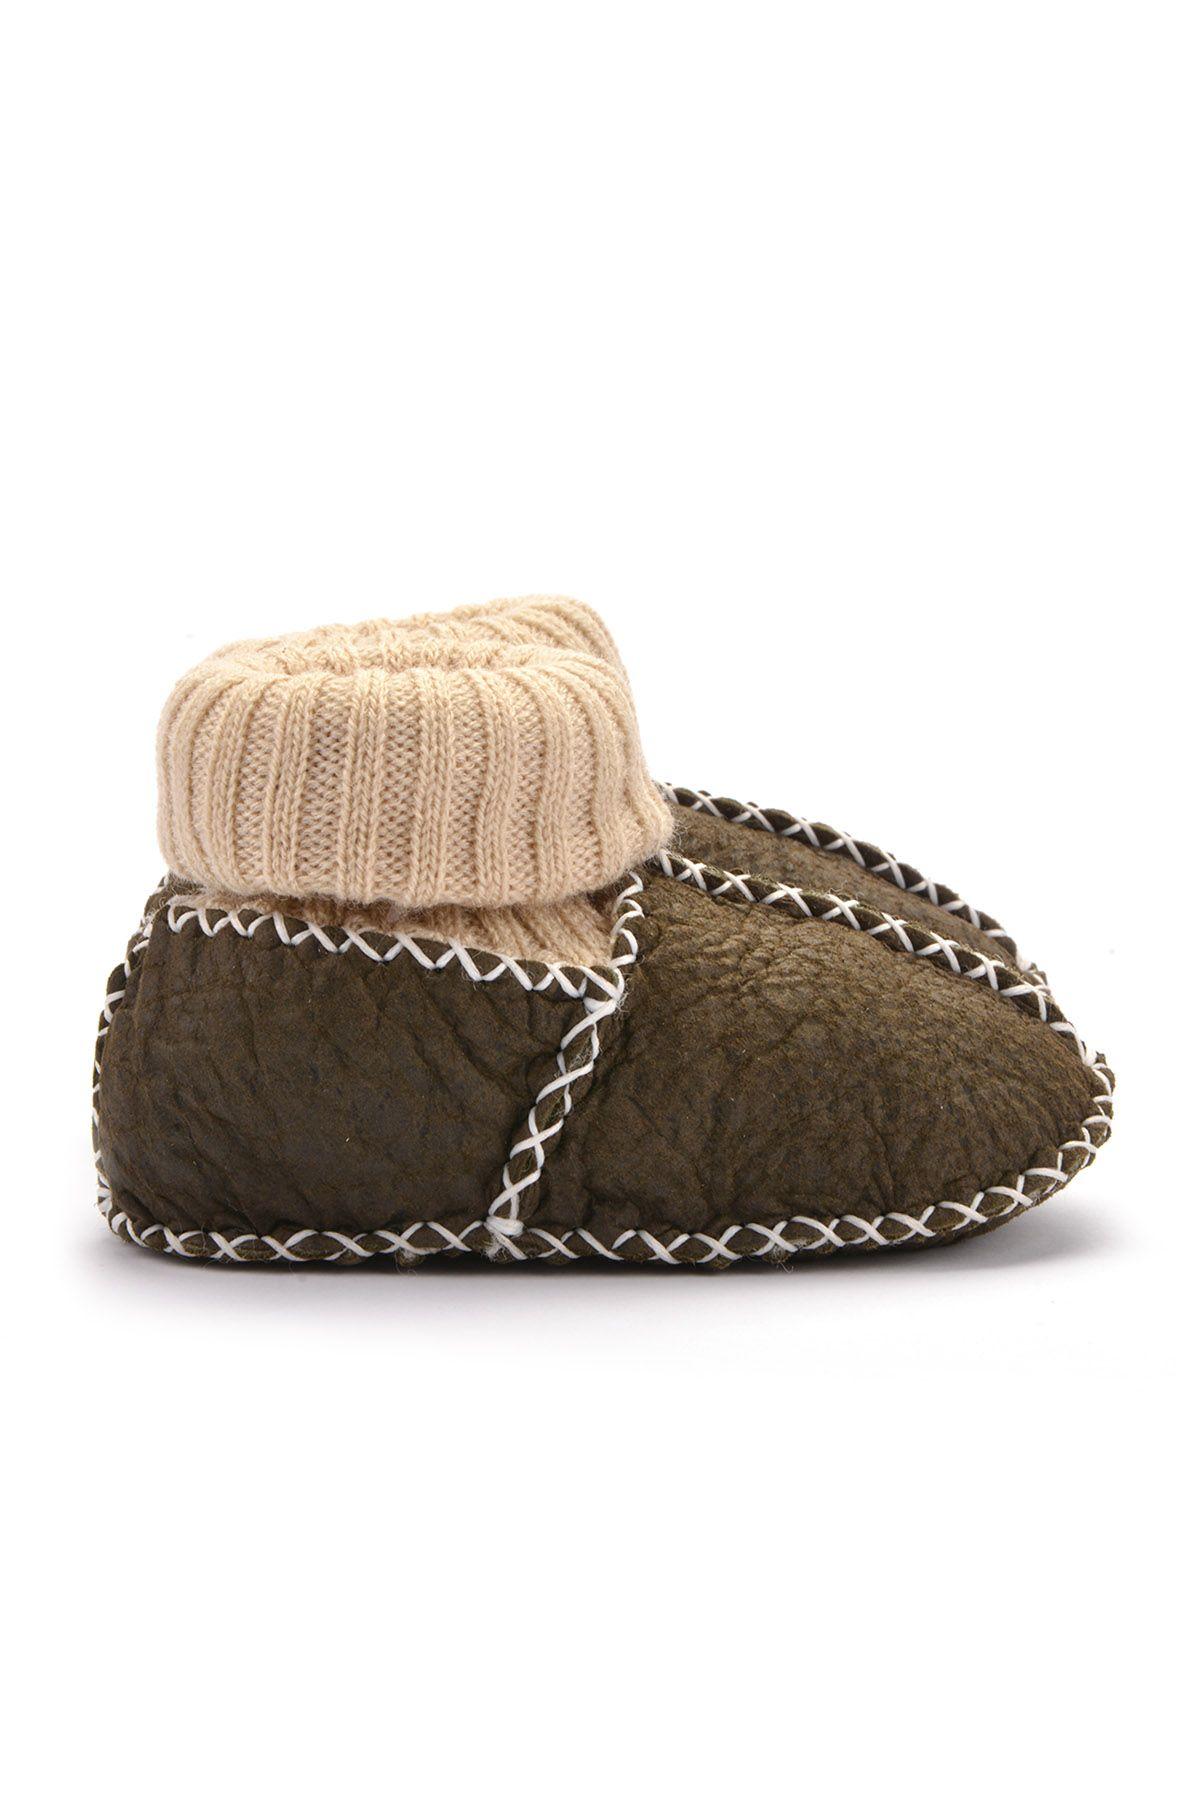 Pegia Hakiki Kürklü Çoraplı Bebek Patiği 141006 Haki